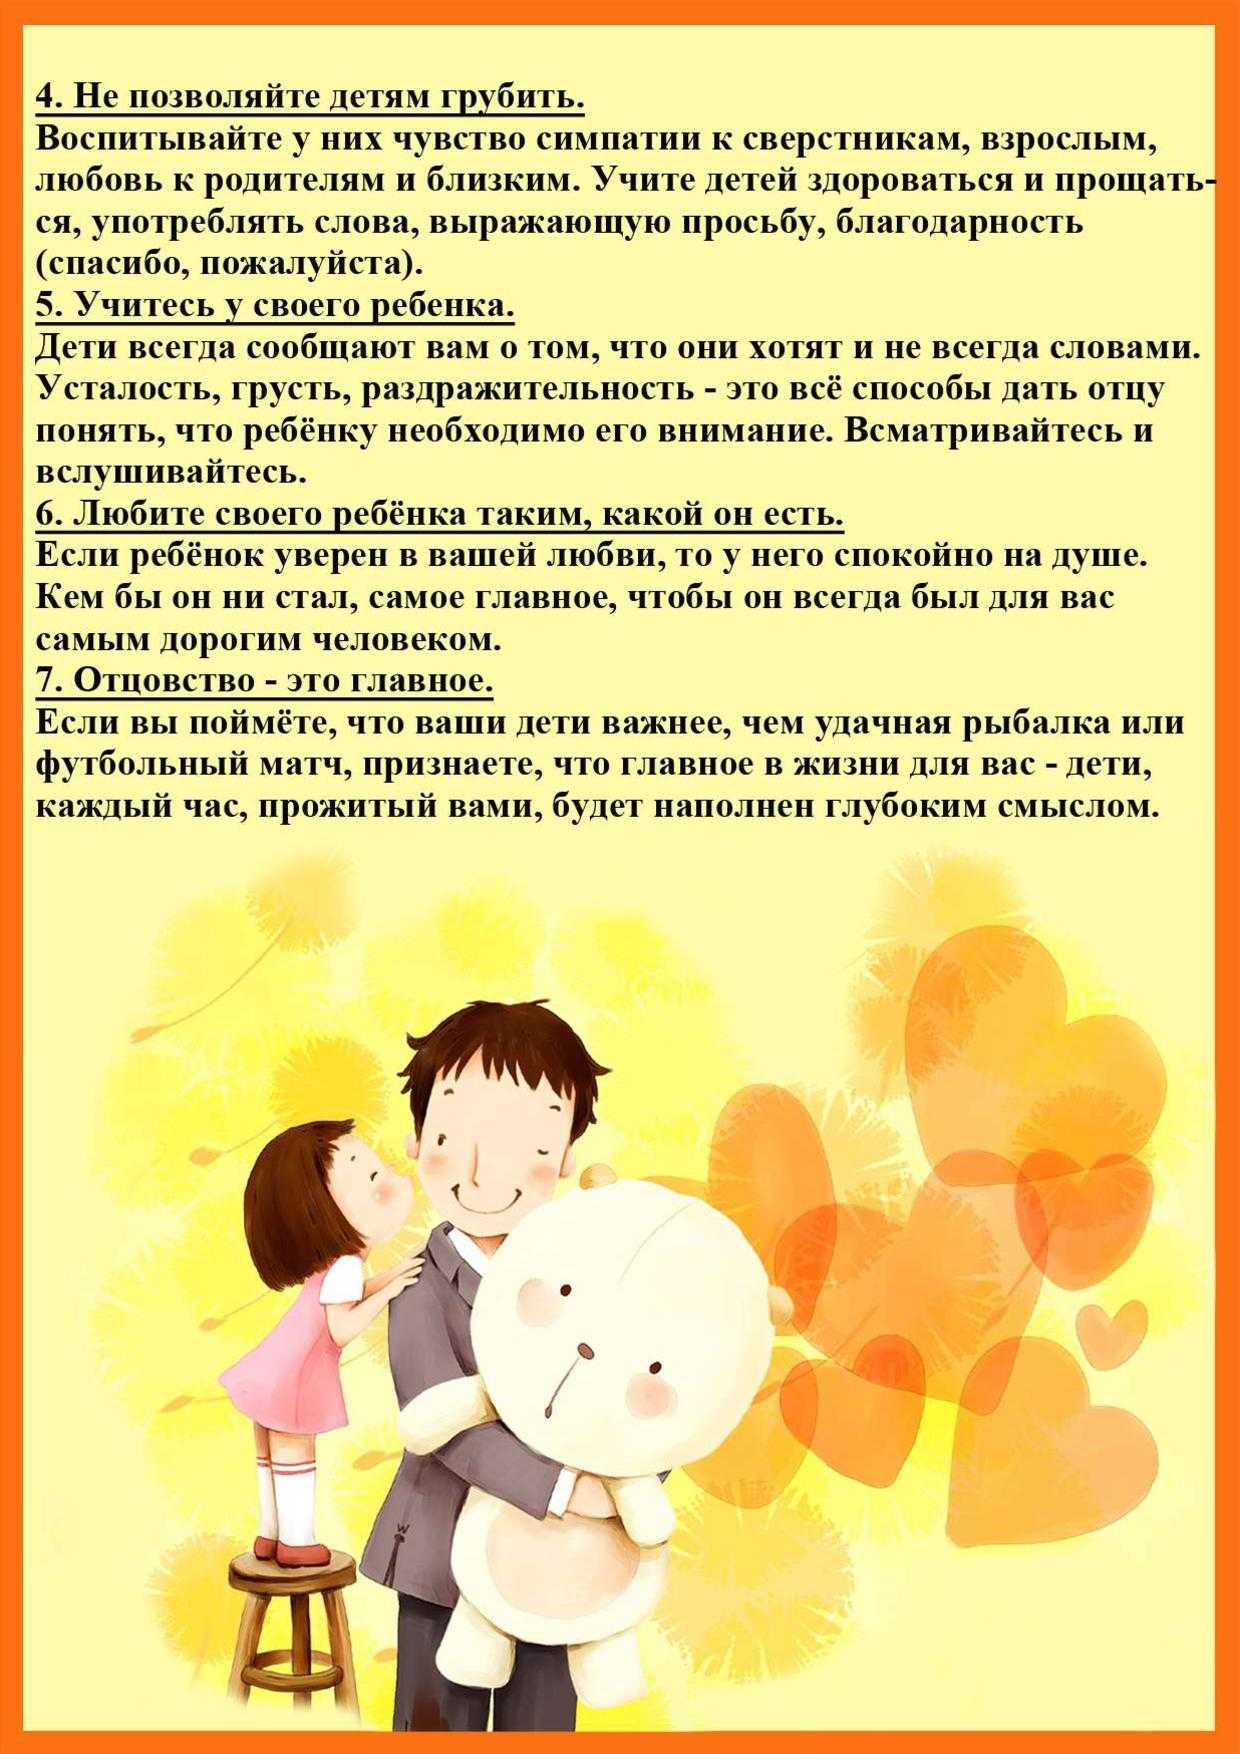 Руководство для папы - 25 правил, как быть хорошим отцом